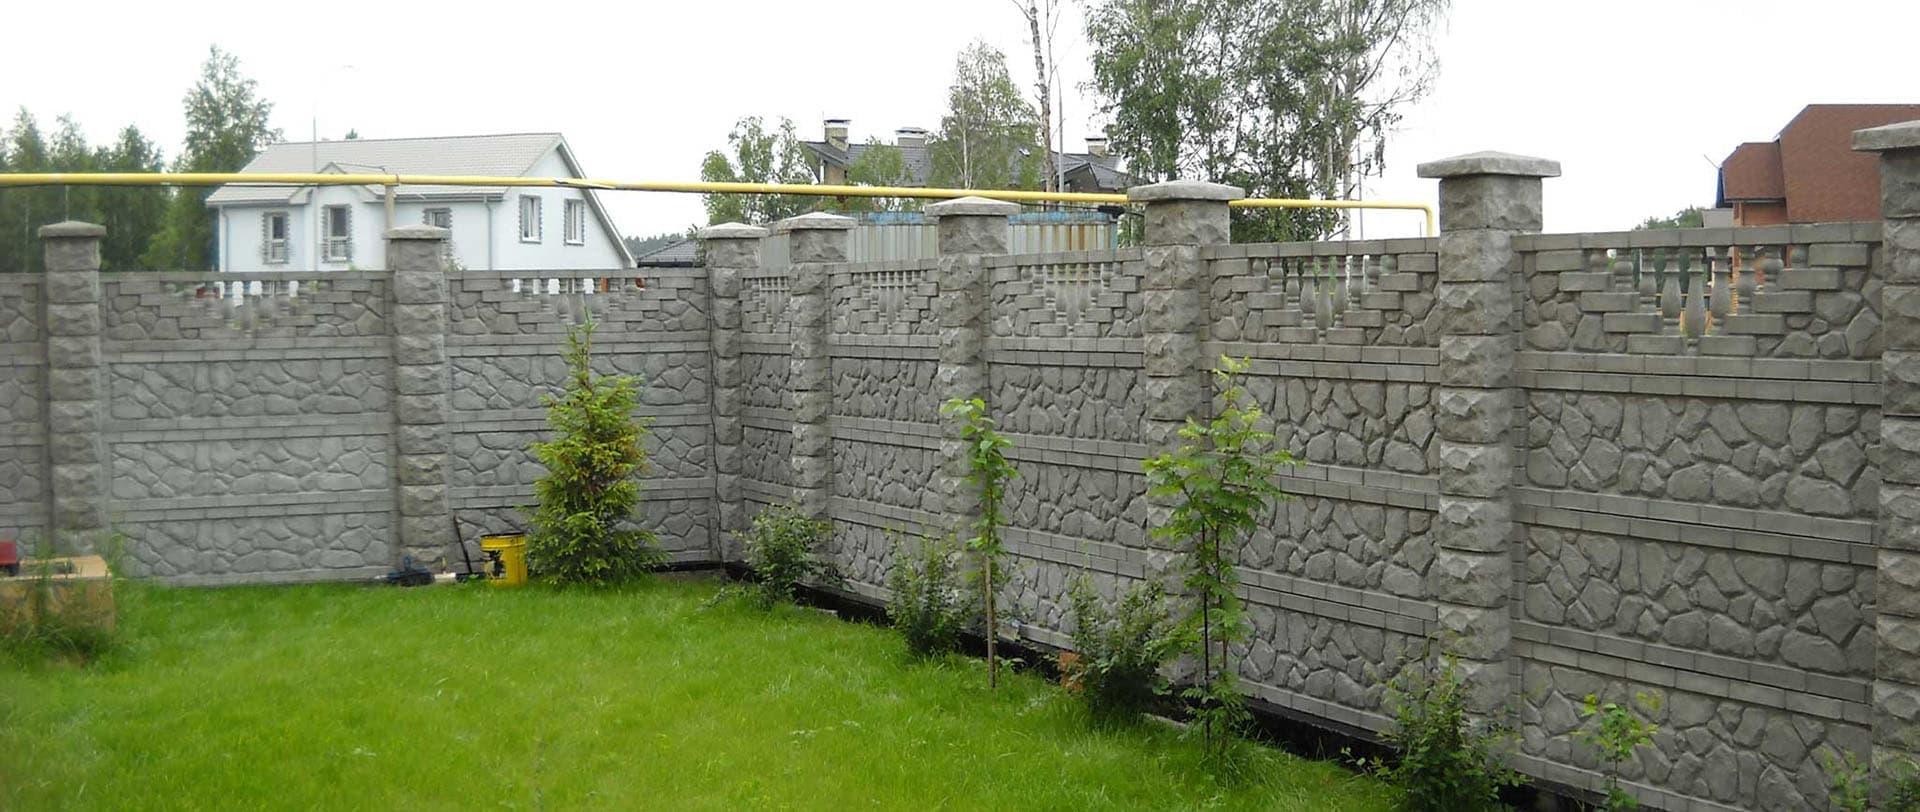 Подпорная стенка из бетона: конструкция, технология, как пошагово сделать своими руками, расчет, армирование, особенности на участках с уклоном, цена на работу